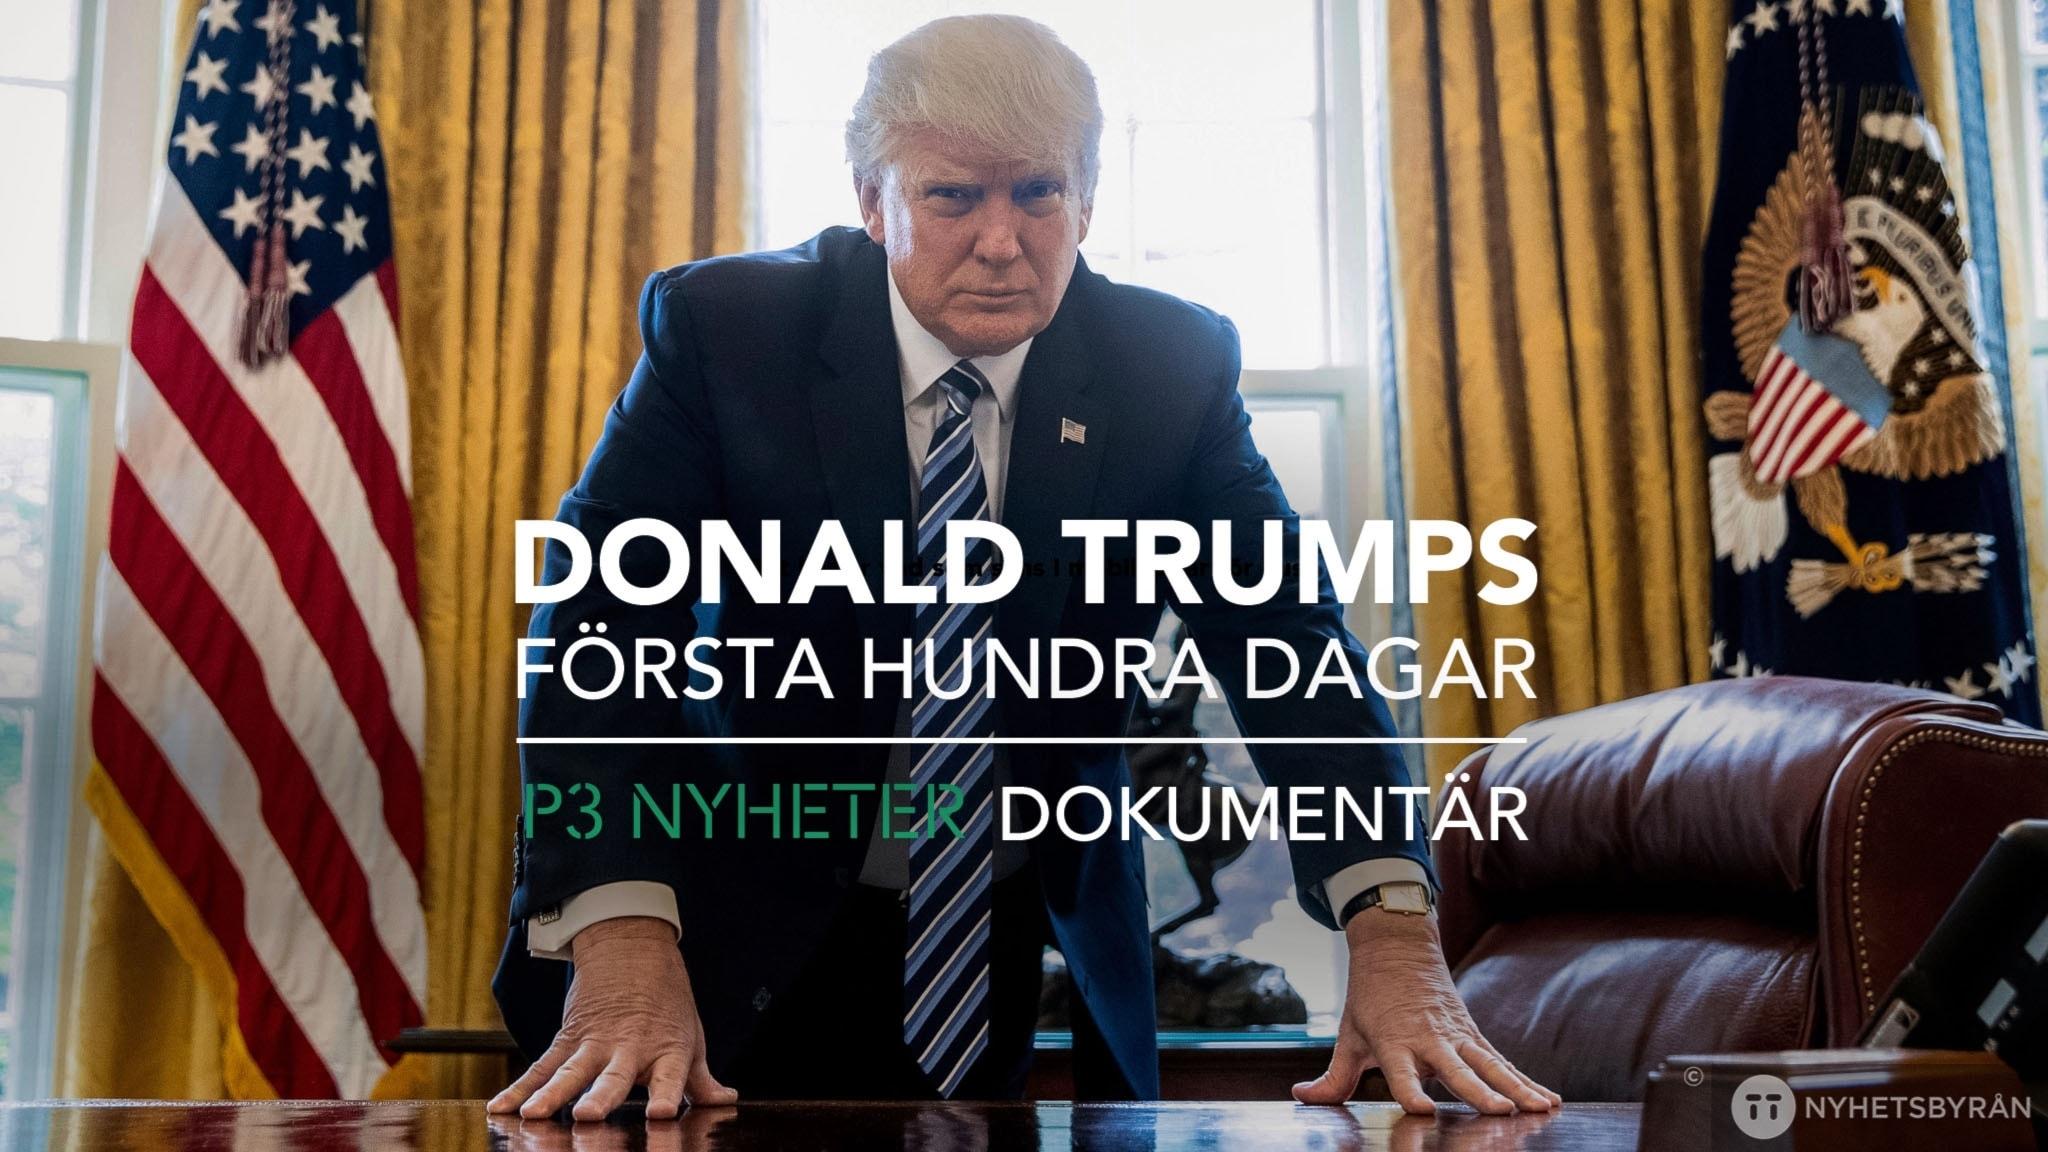 P3 Nyheter Dokumentär - Donald Trumps första 100 dagar